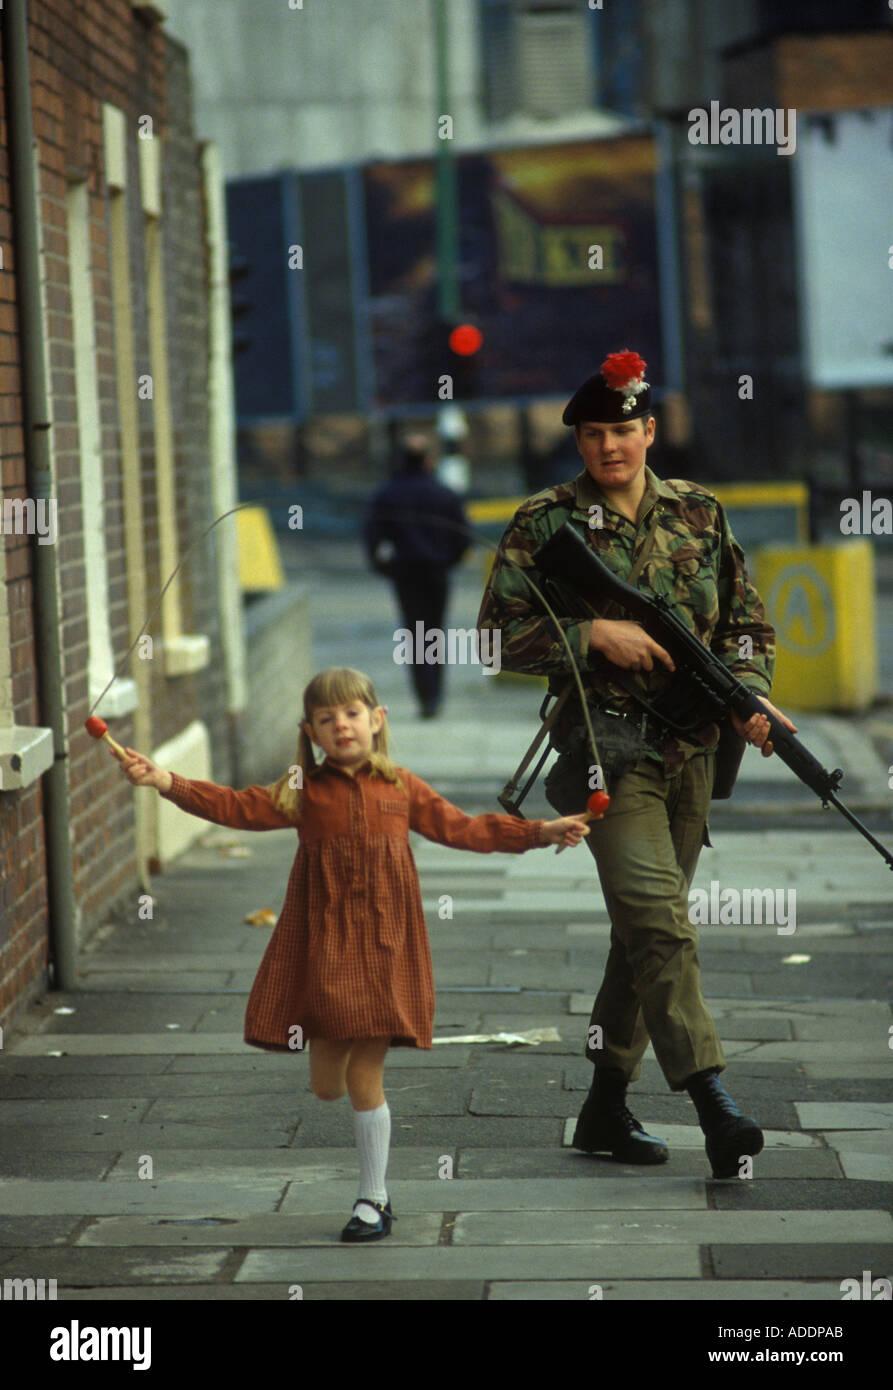 Soldado británico con la pistola en la libertad condicional Belfast, Irlanda del Norte de 1981 Homero SYKES Imagen De Stock